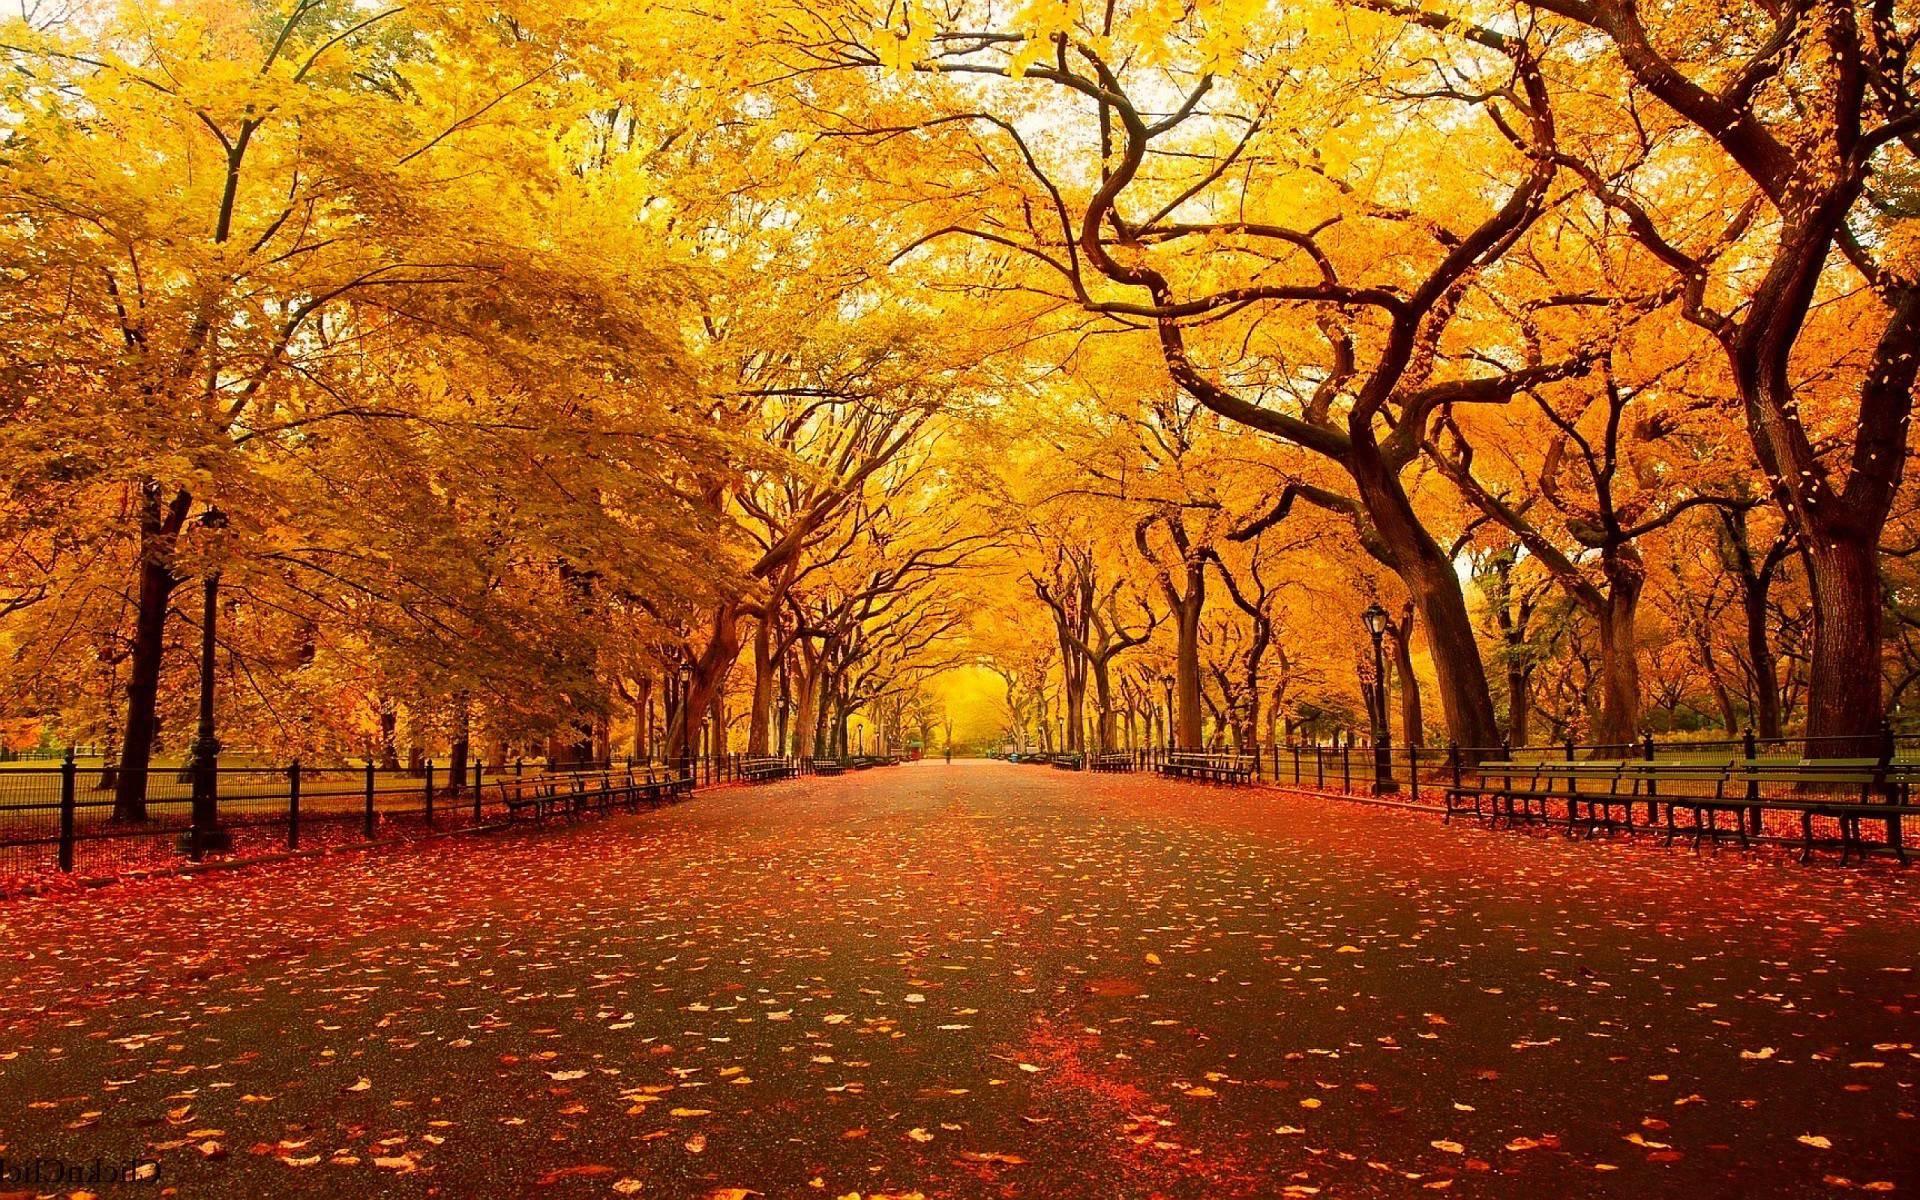 Free Fall Christian Desktop Wallpaper Christian Autumn Wallpaper 36 Images